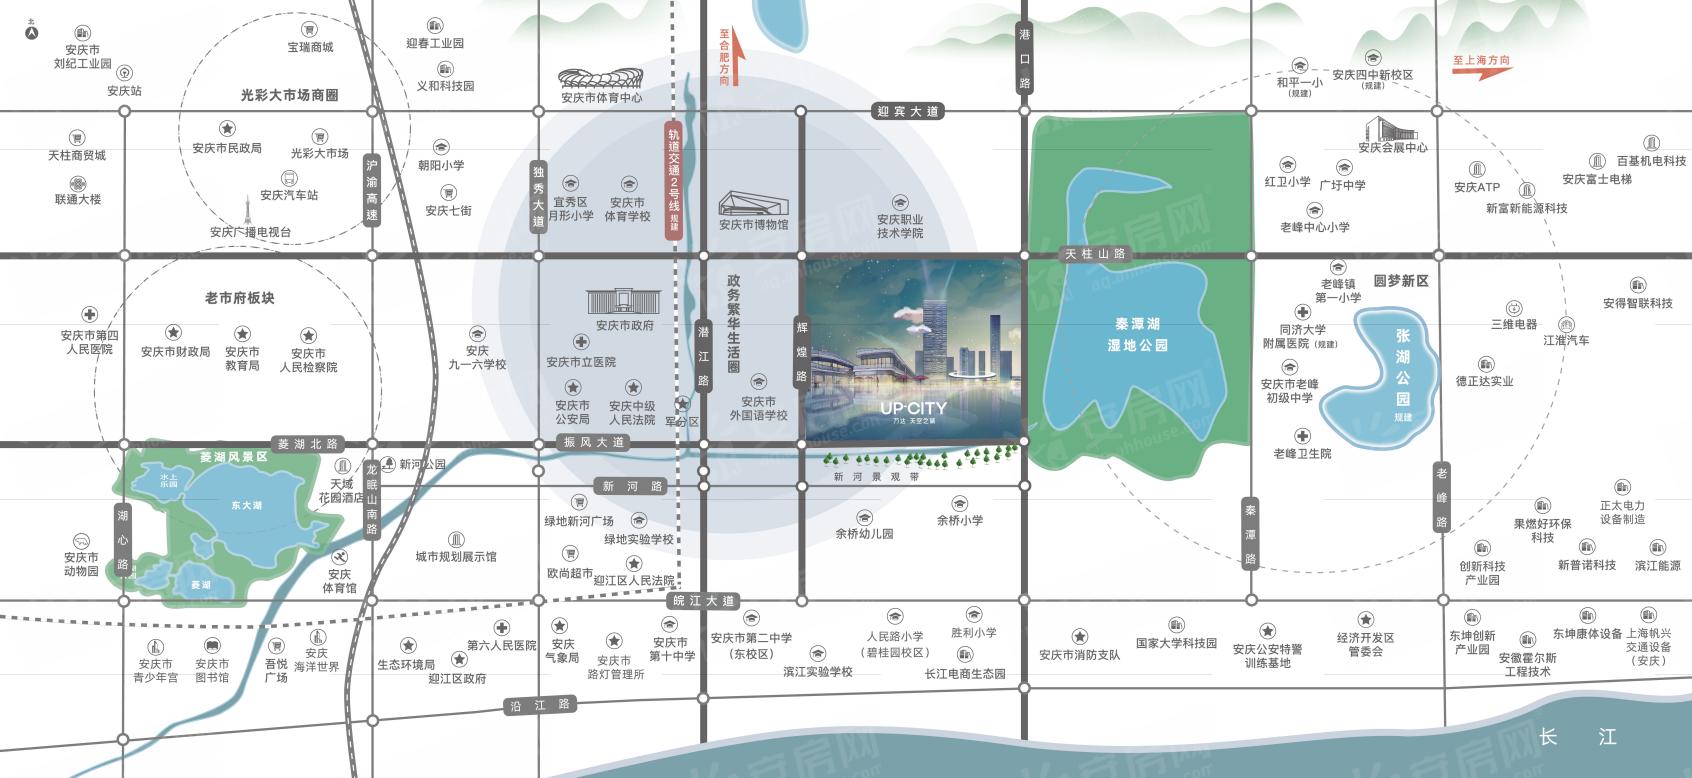 万达·天空之城交通图